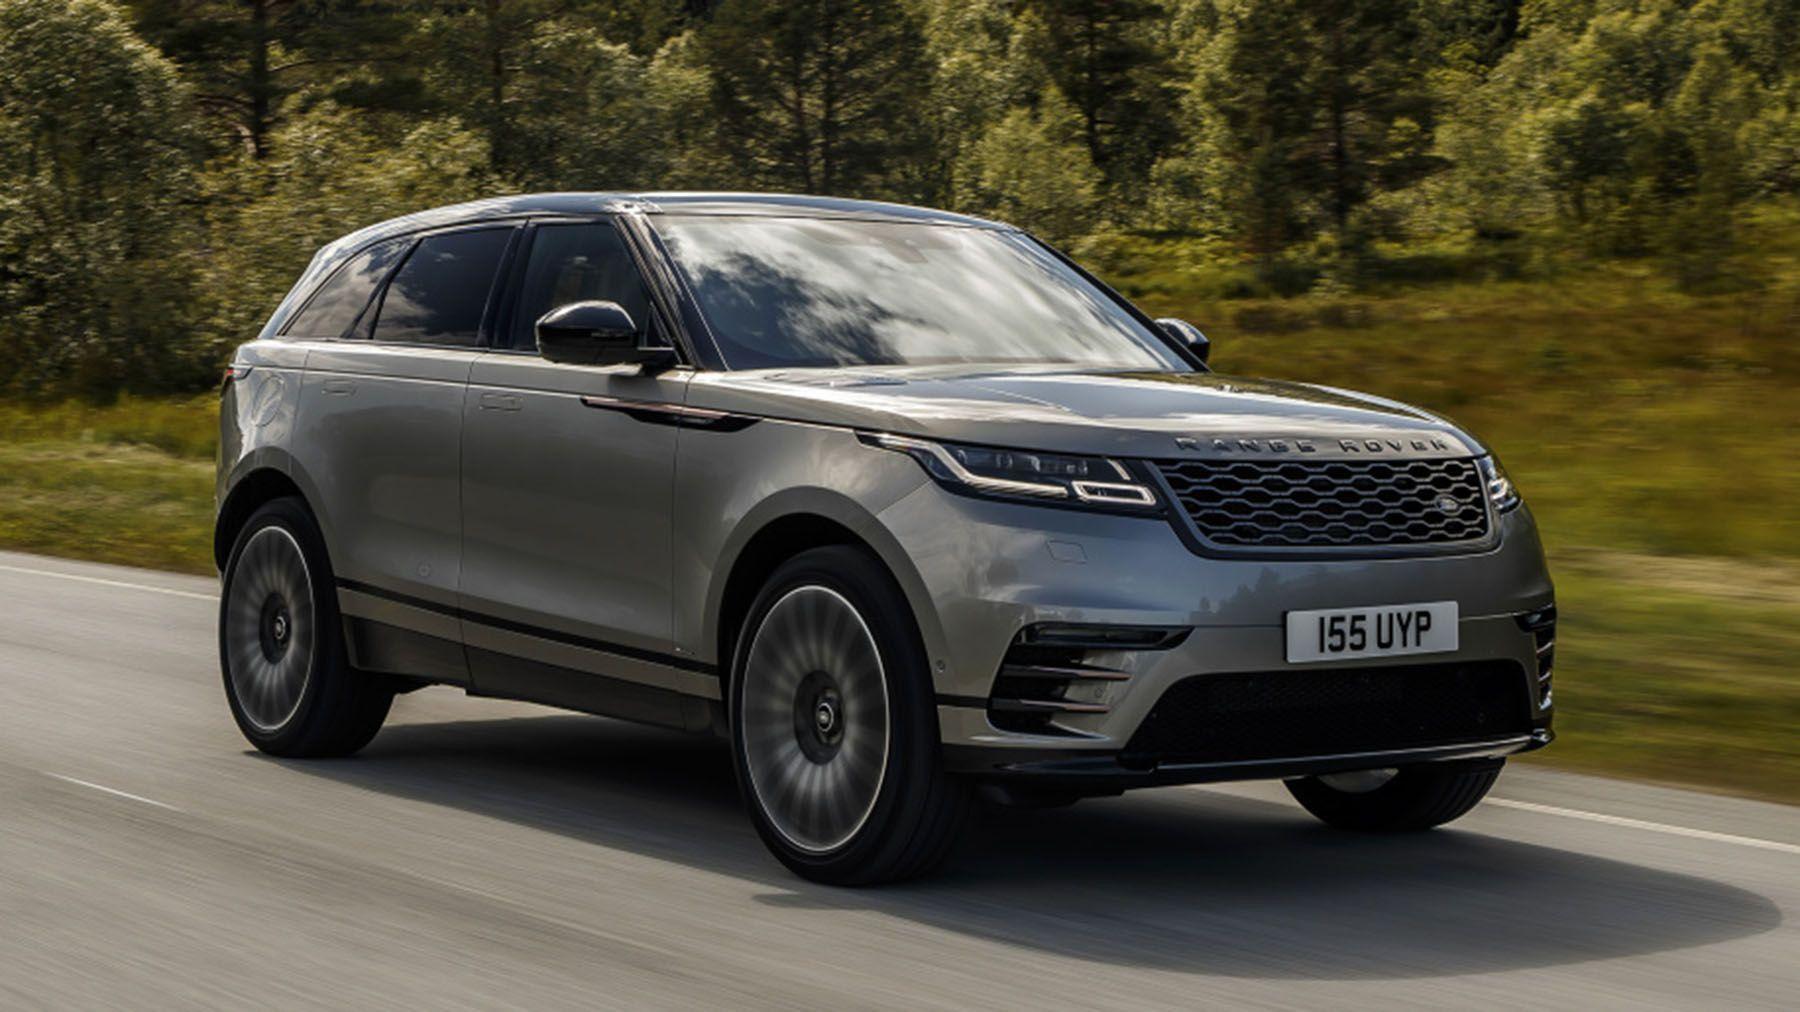 2020 Range Rover Velar D300 2018 Range Rover Velar First